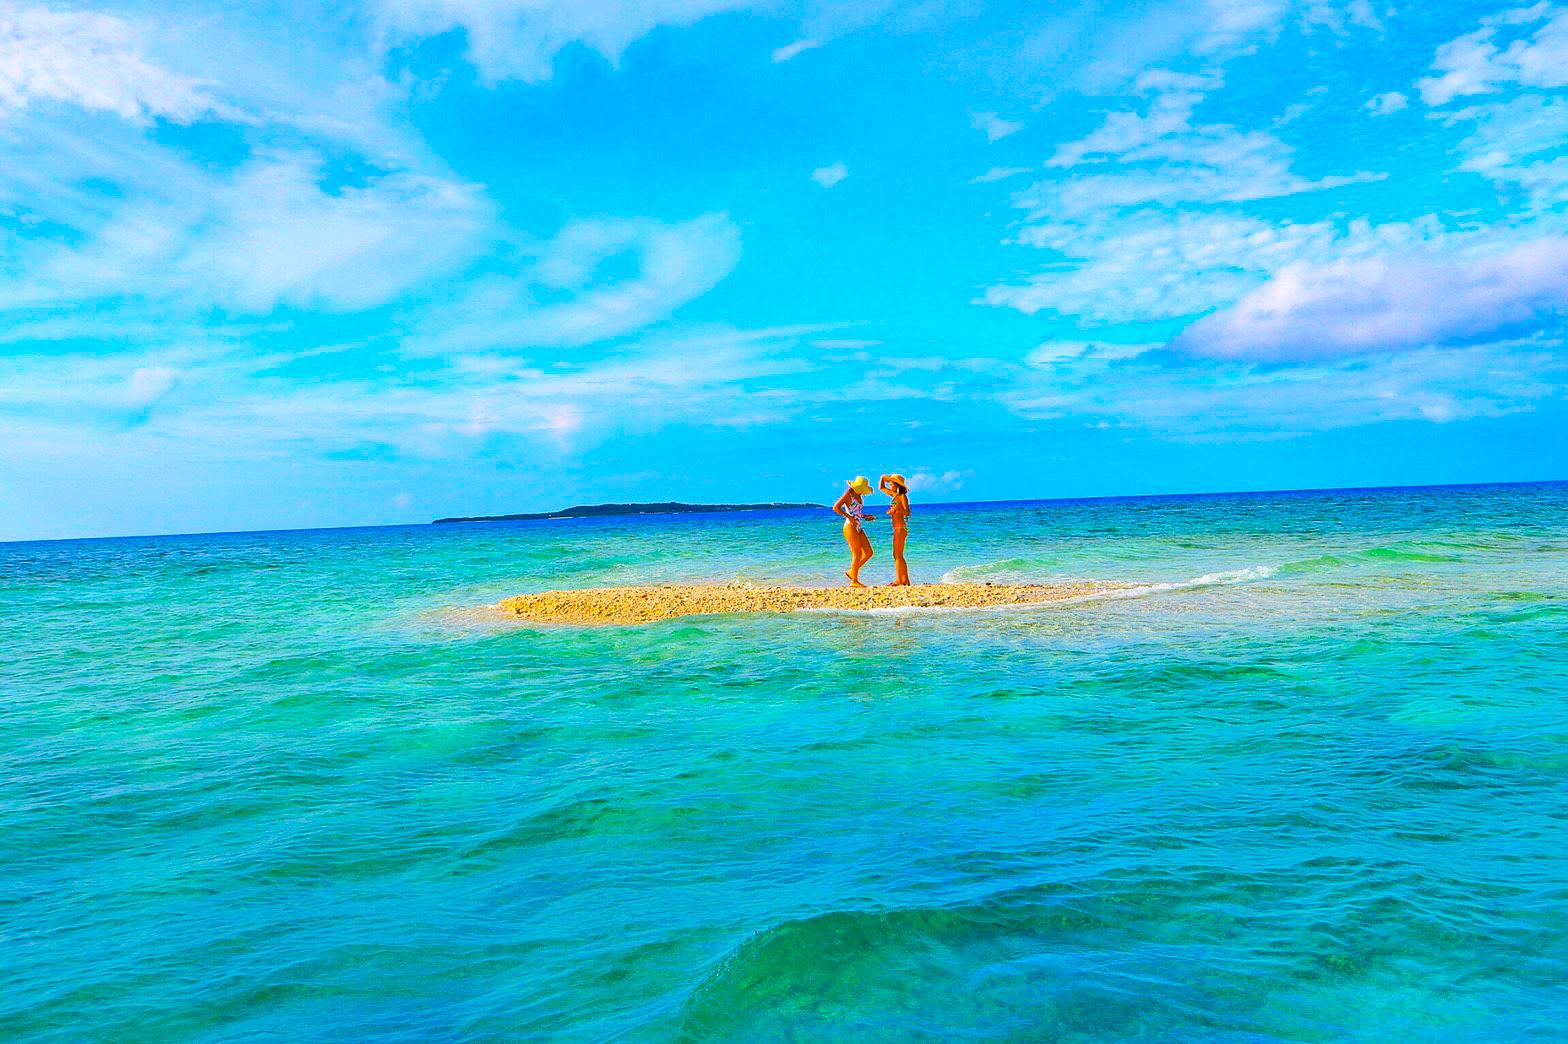 奇跡の島バラス島上陸アクティビティー